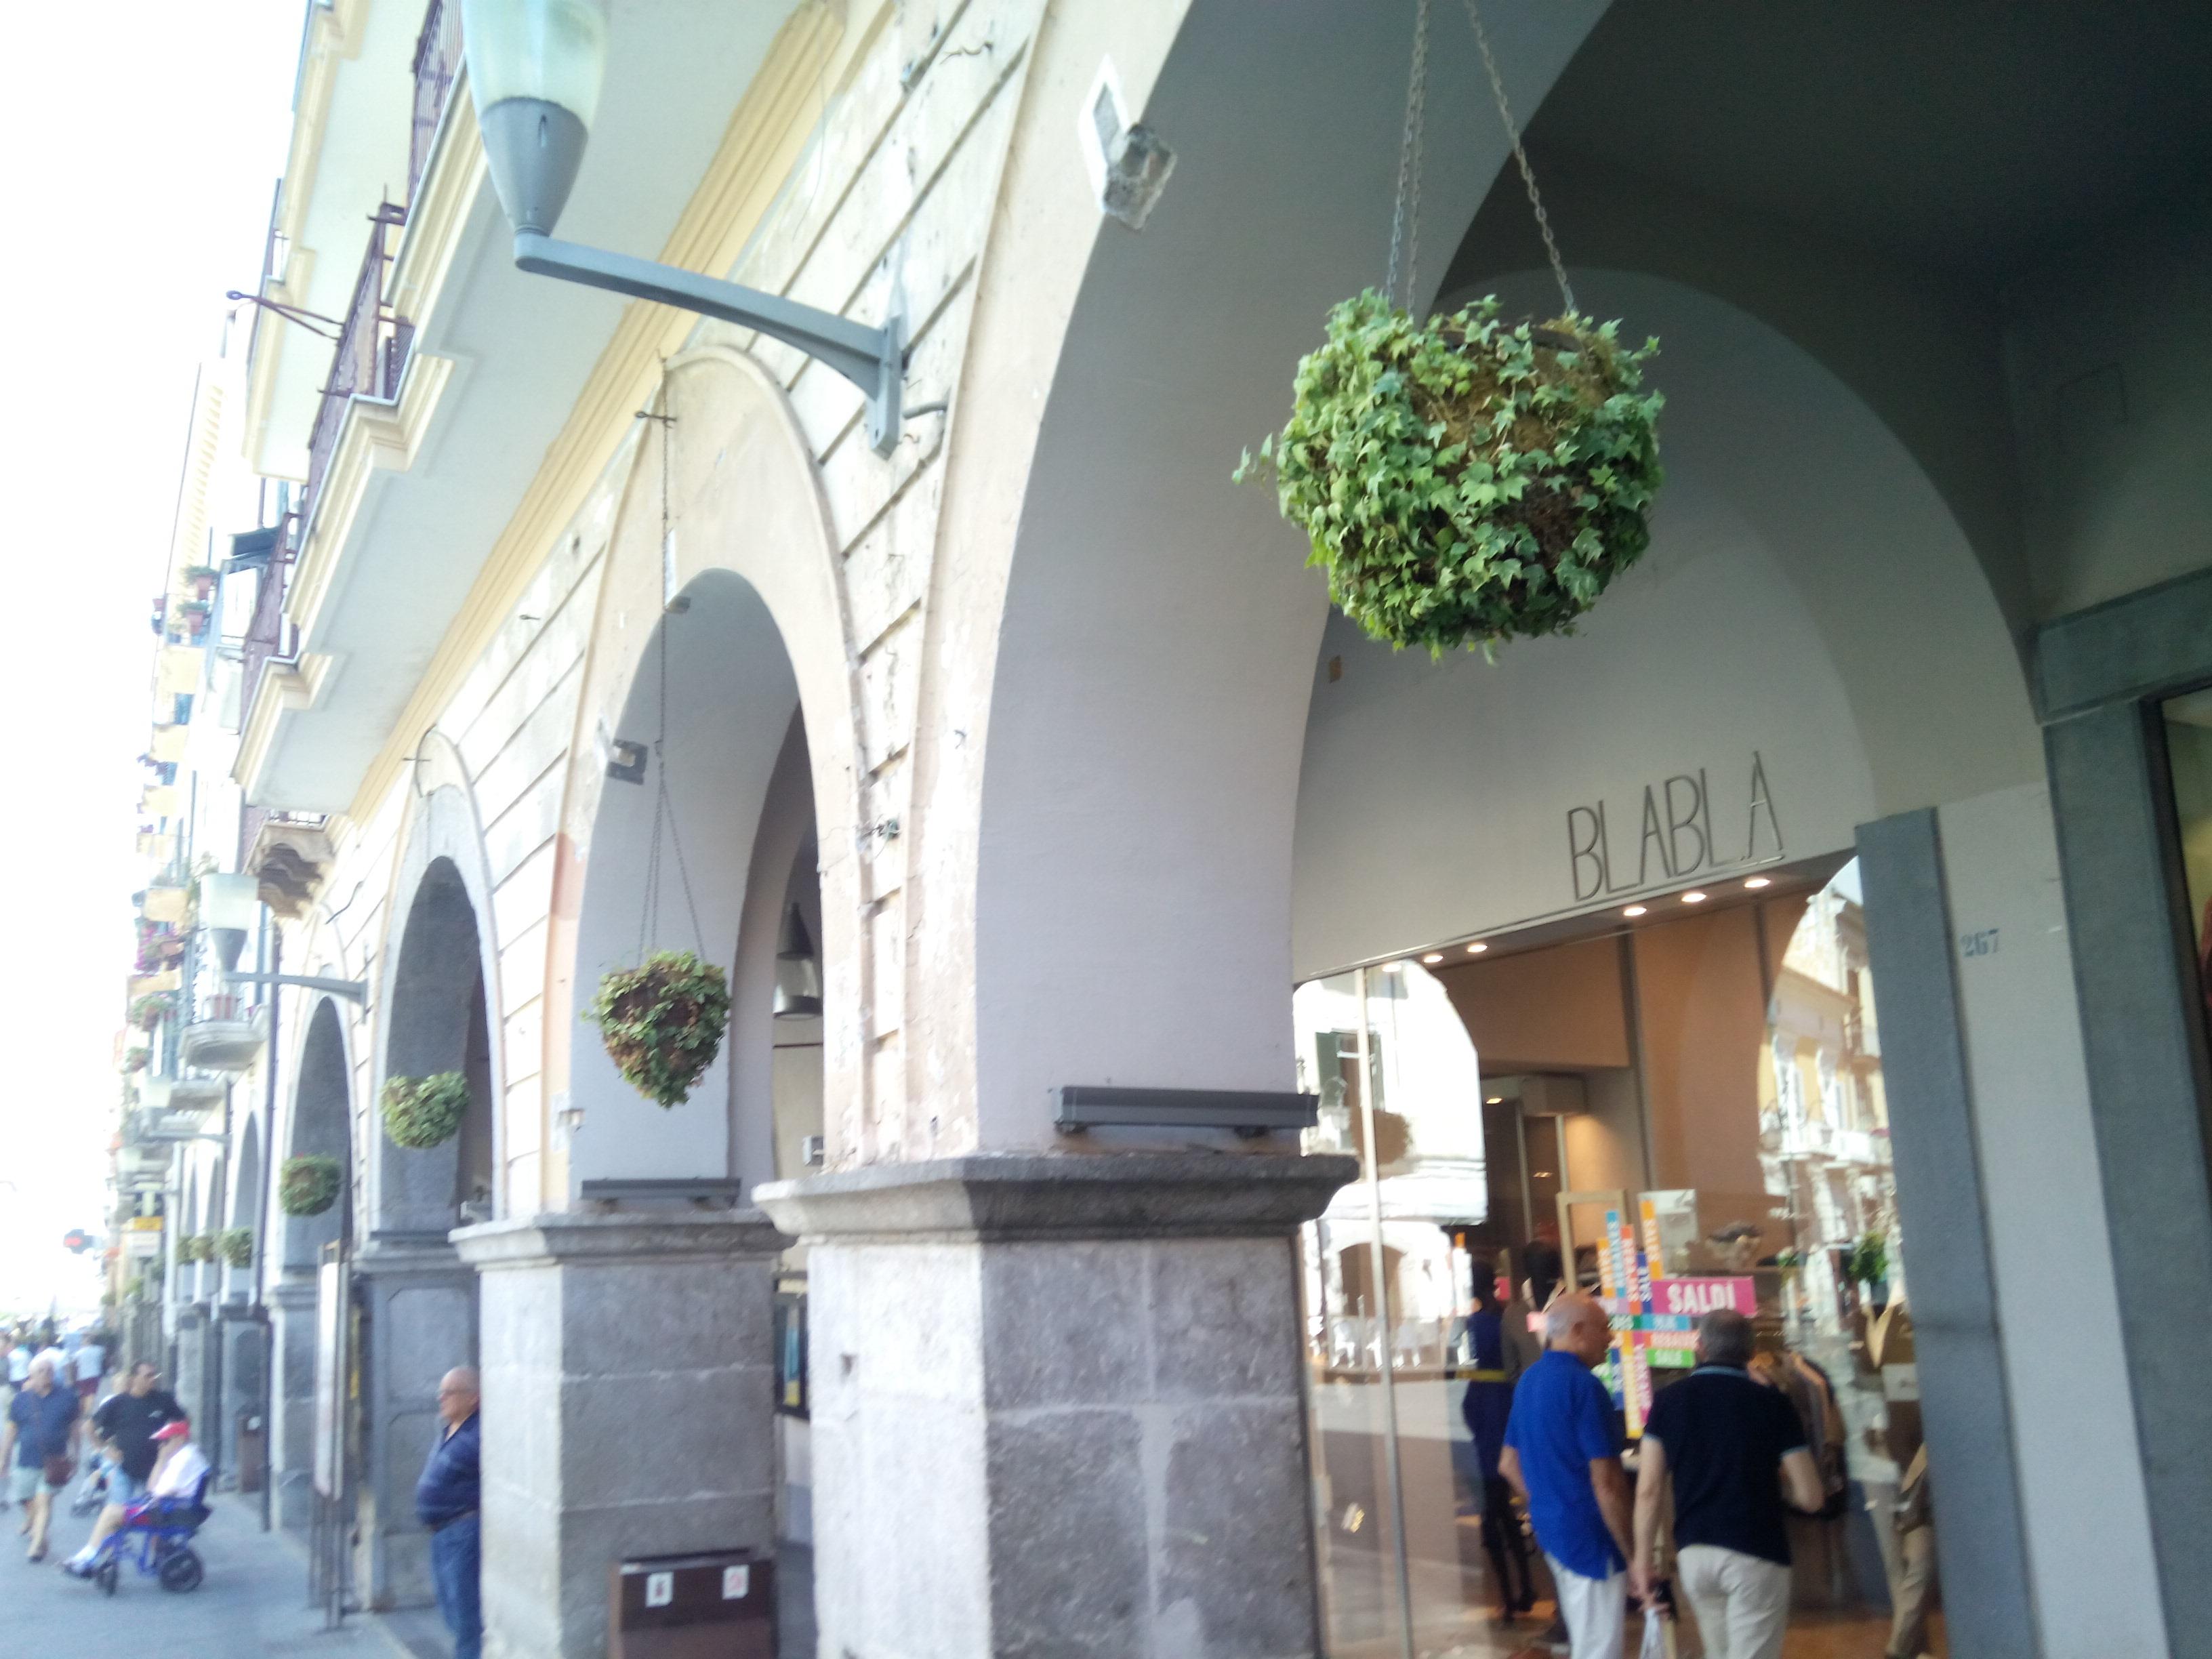 Ufficio Verde Pubblico Salerno : Cava de tirreni piu attenzione al verde pubblico tvoggi